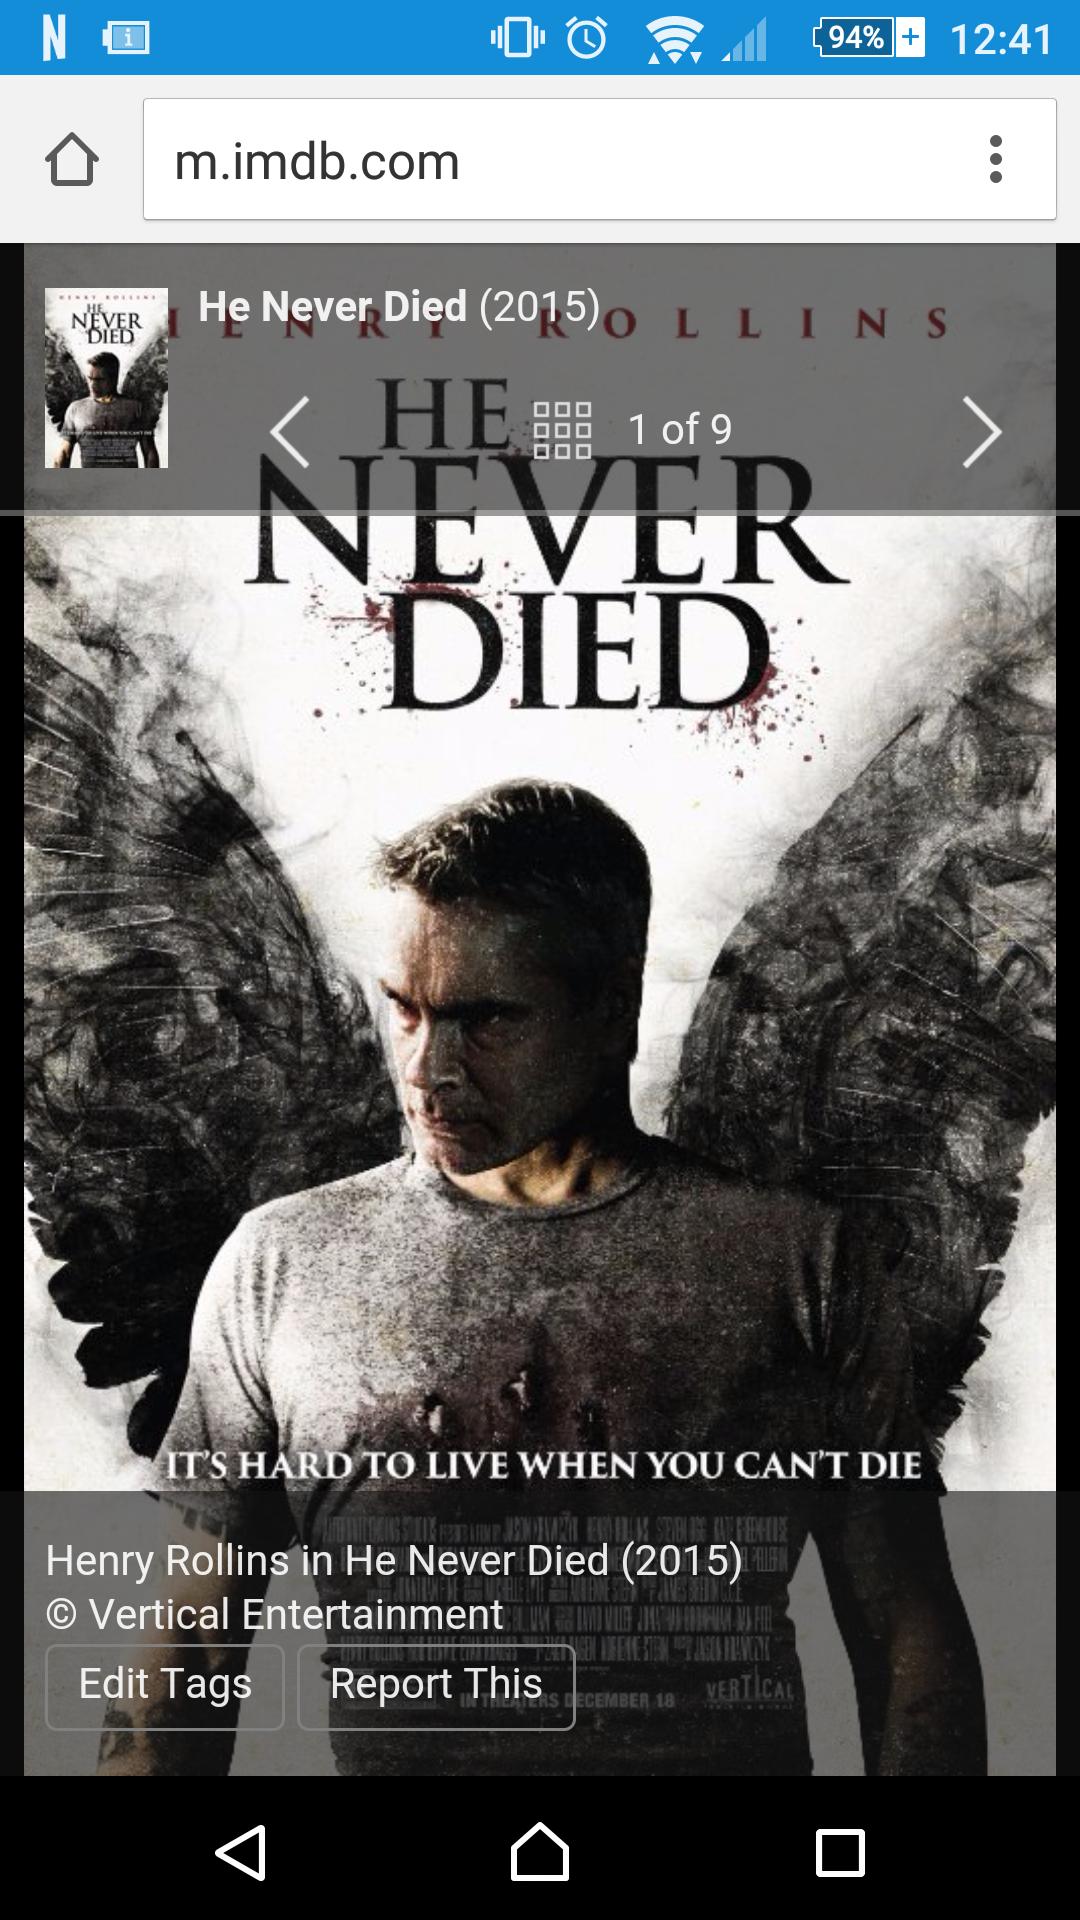 Netflix: He never died